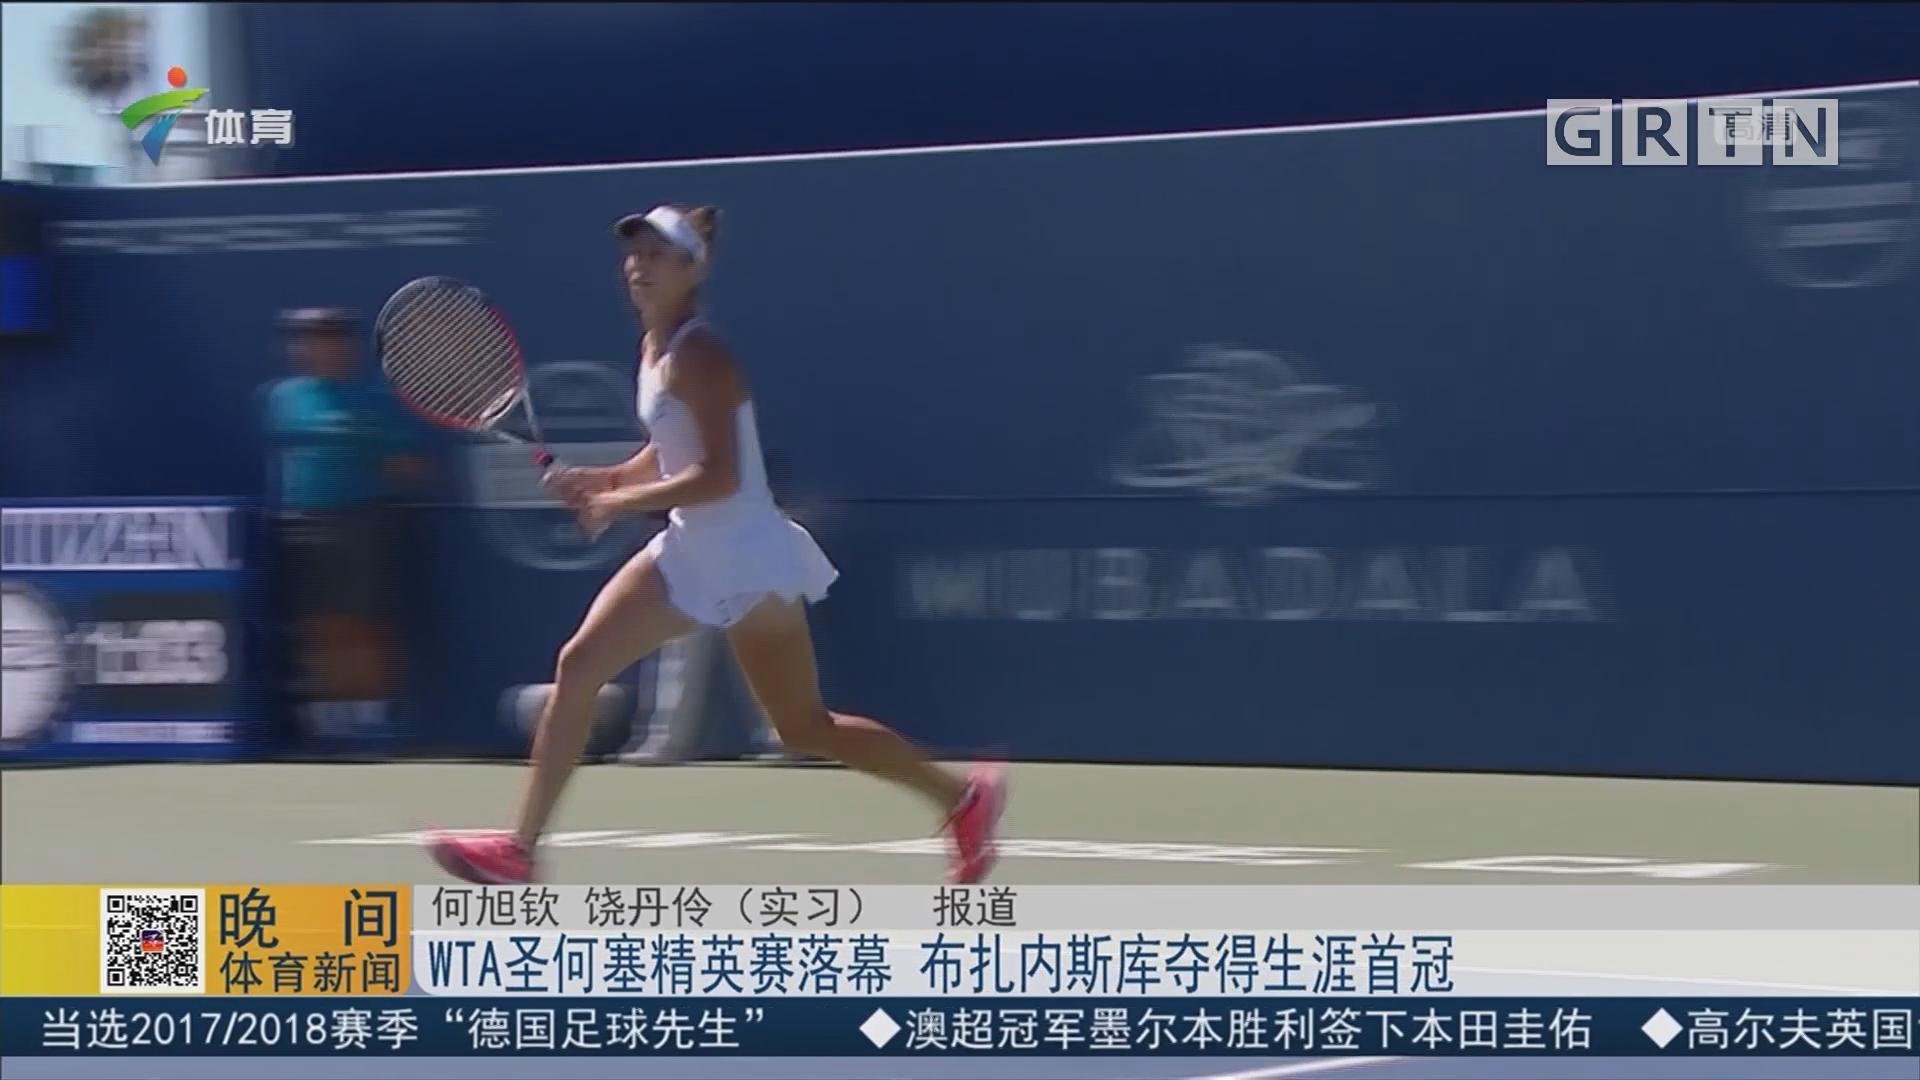 WTA圣何塞精英賽落幕 布扎內斯庫奪得生涯首冠